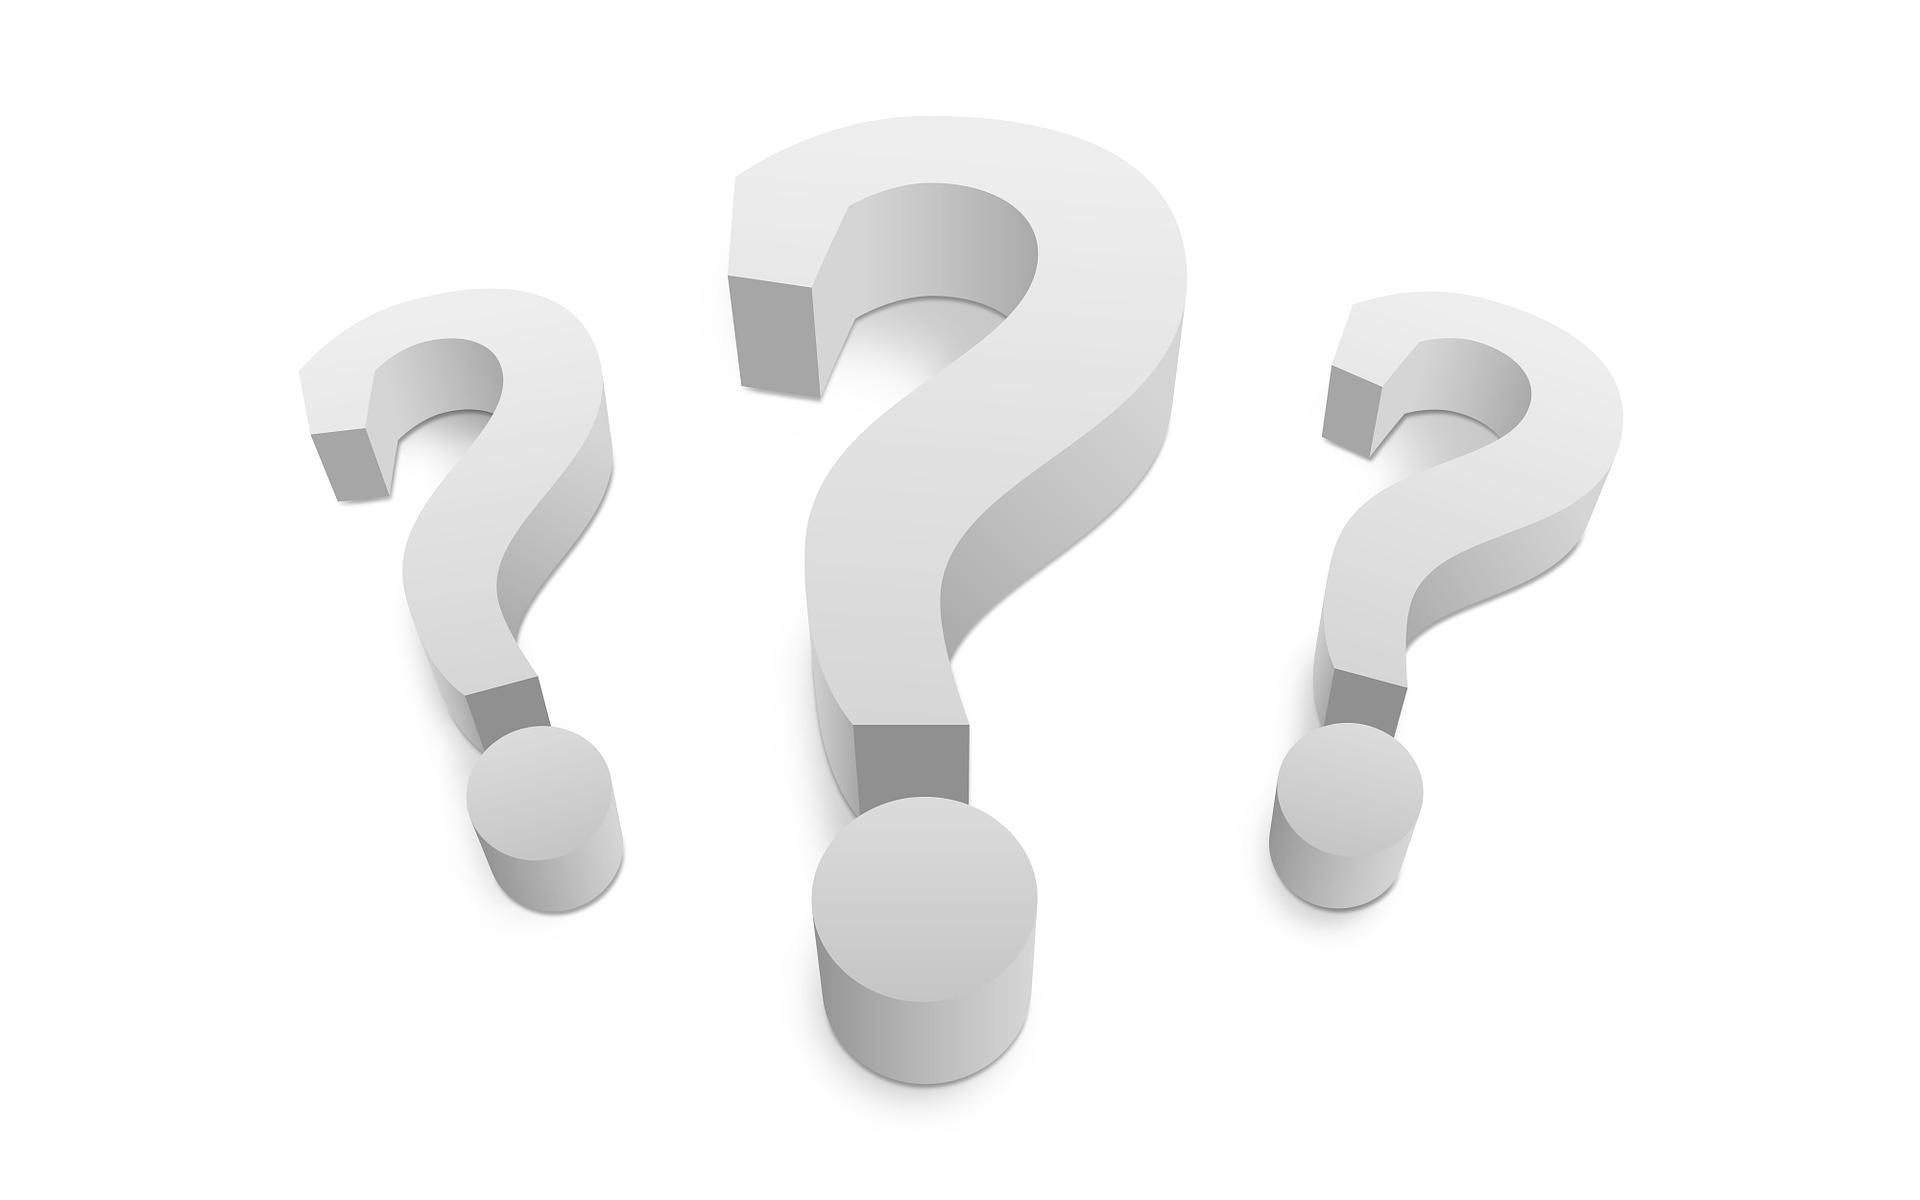 Чи треба рахувати нуль коді класифікатора при визначенні предмета закупівлі?